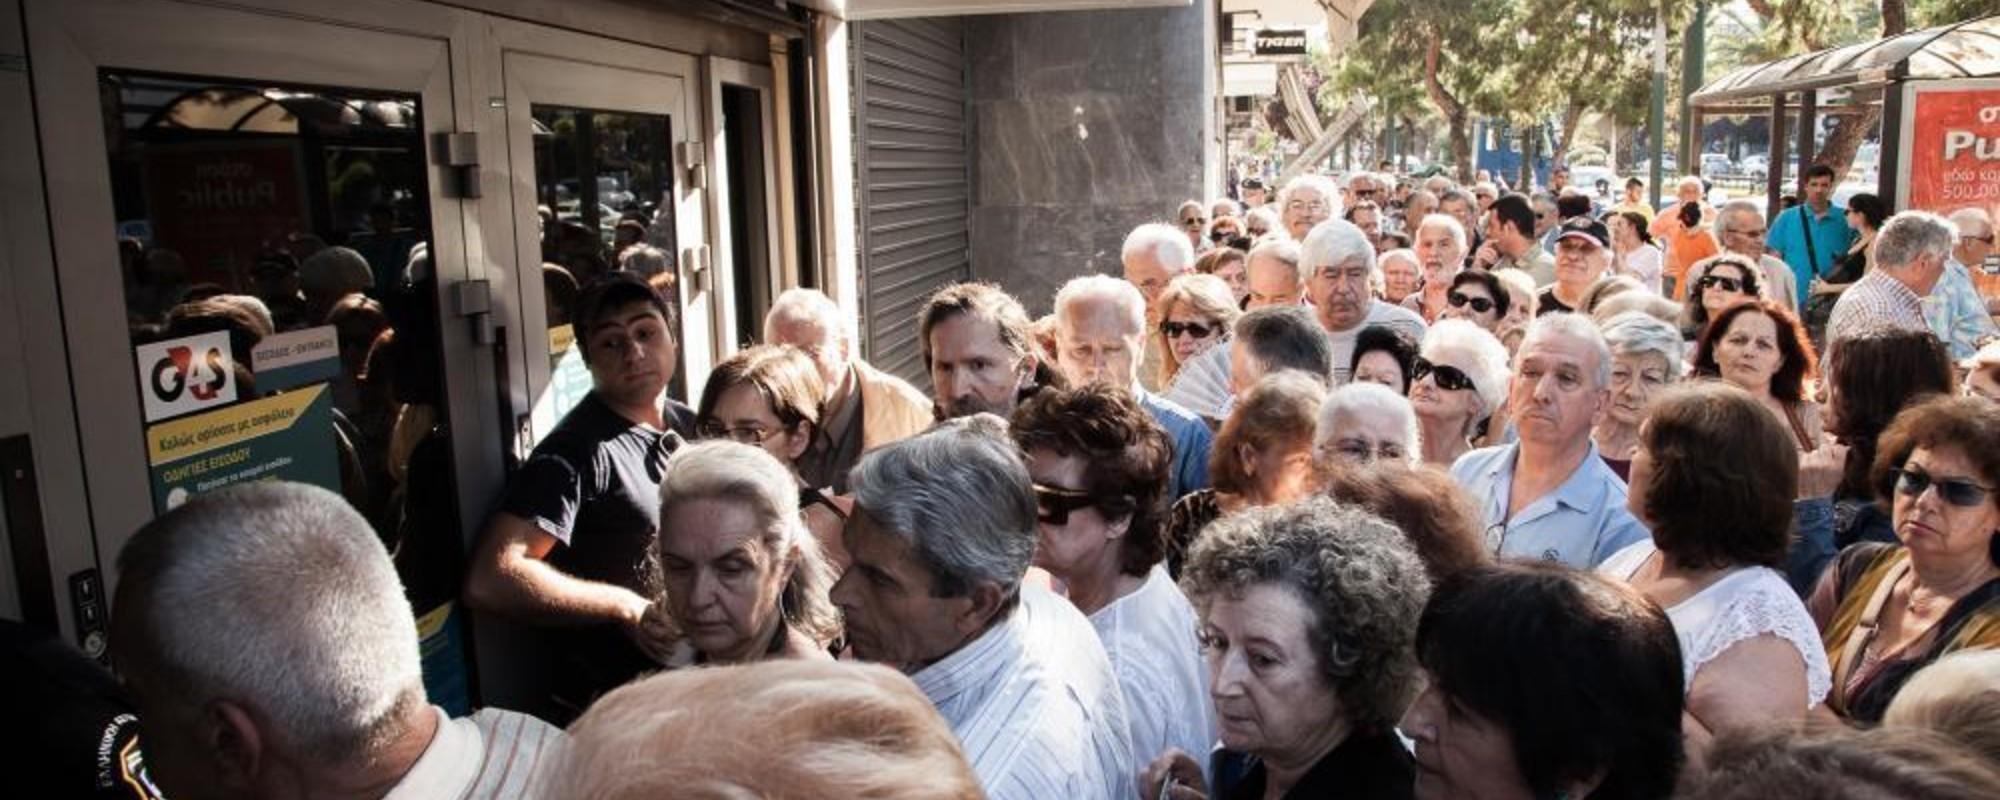 Fotografii cu cozile imense de pensionari greci care au venit să-și retragă banii de la bănci